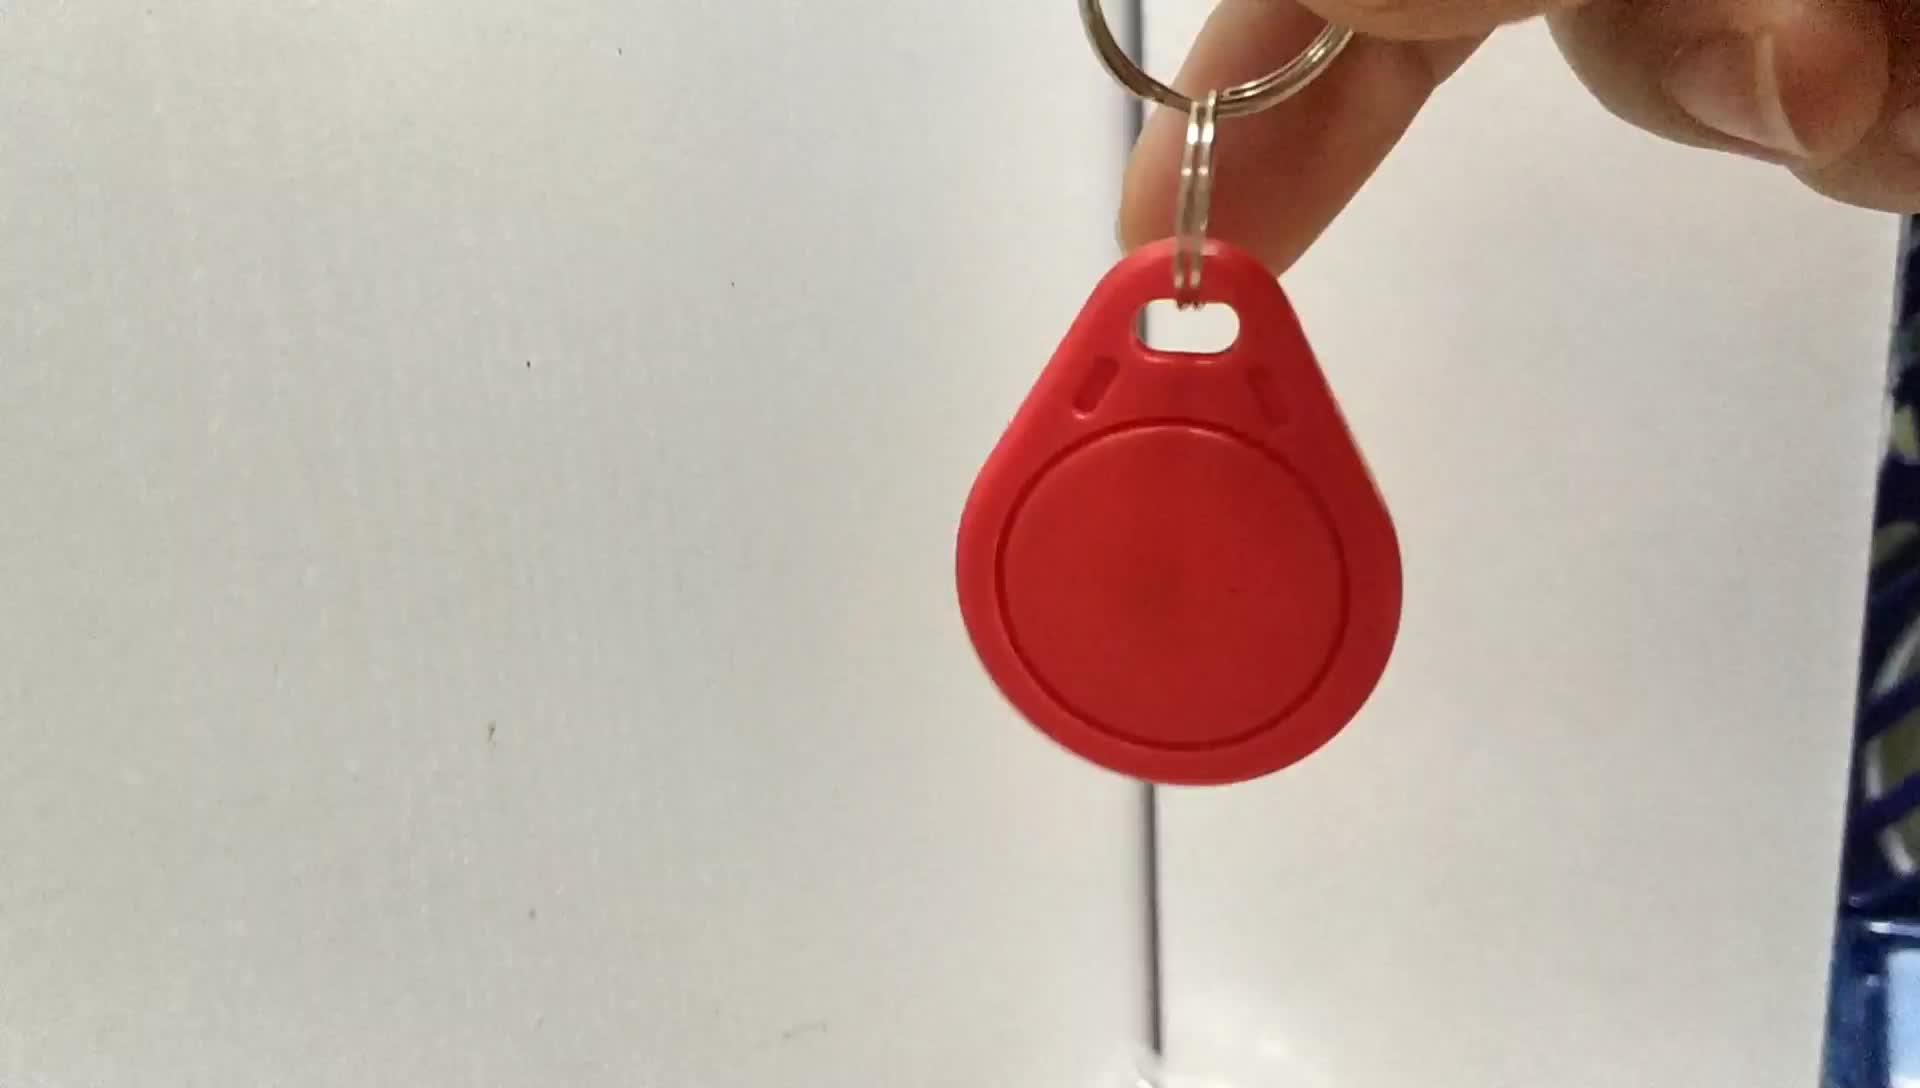 Desain Fashion Tahan Air 125 KHz TK4100 EM4200 T5577 RFID Kunci Fob Hotel Keyfob